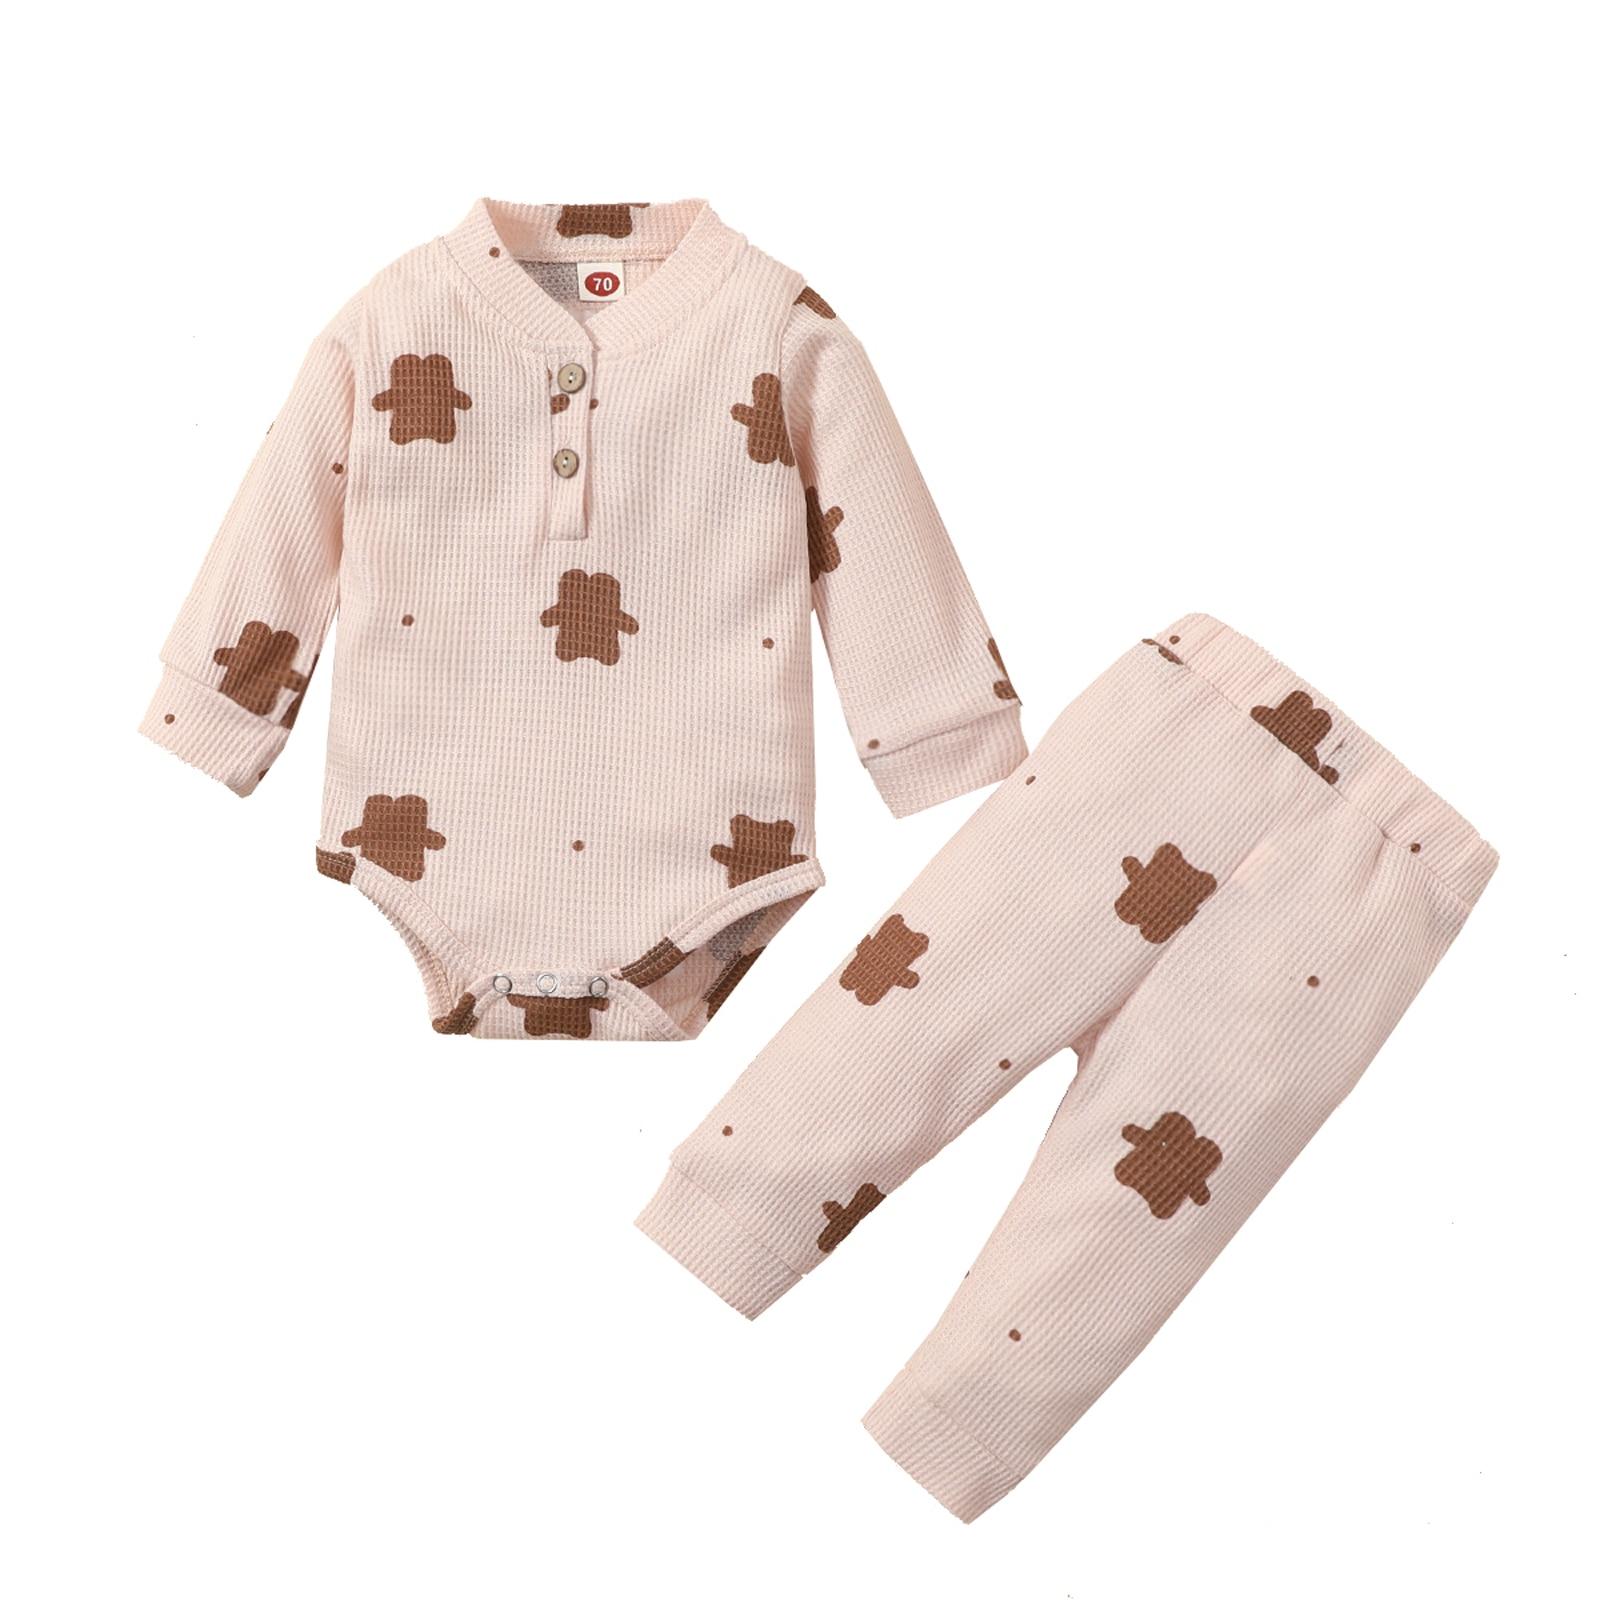 Детские осенние хлопковые наряды для новорожденных из 2 предметов с принтом медведя и пуговицами, боди с длинным рукавом и круглым вырезом, ...